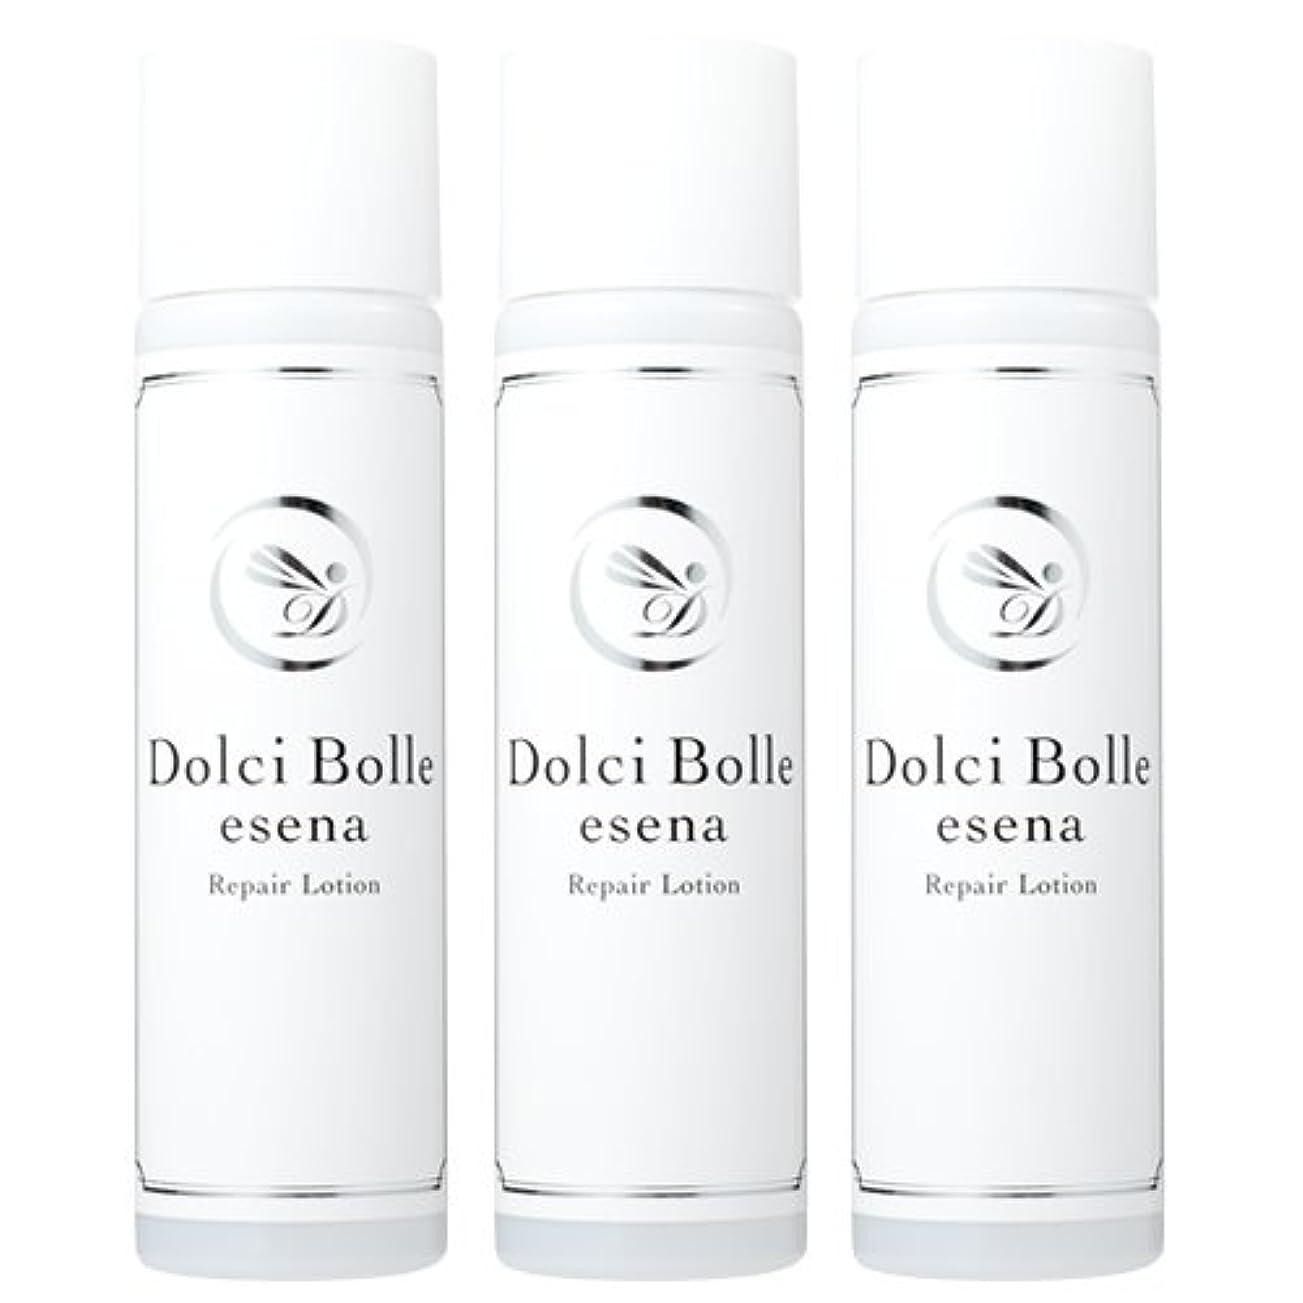 分泌する子豚るDolci Bolle(ドルチボーレ) esena(エセナ) リペアローション 150ml 3本セット